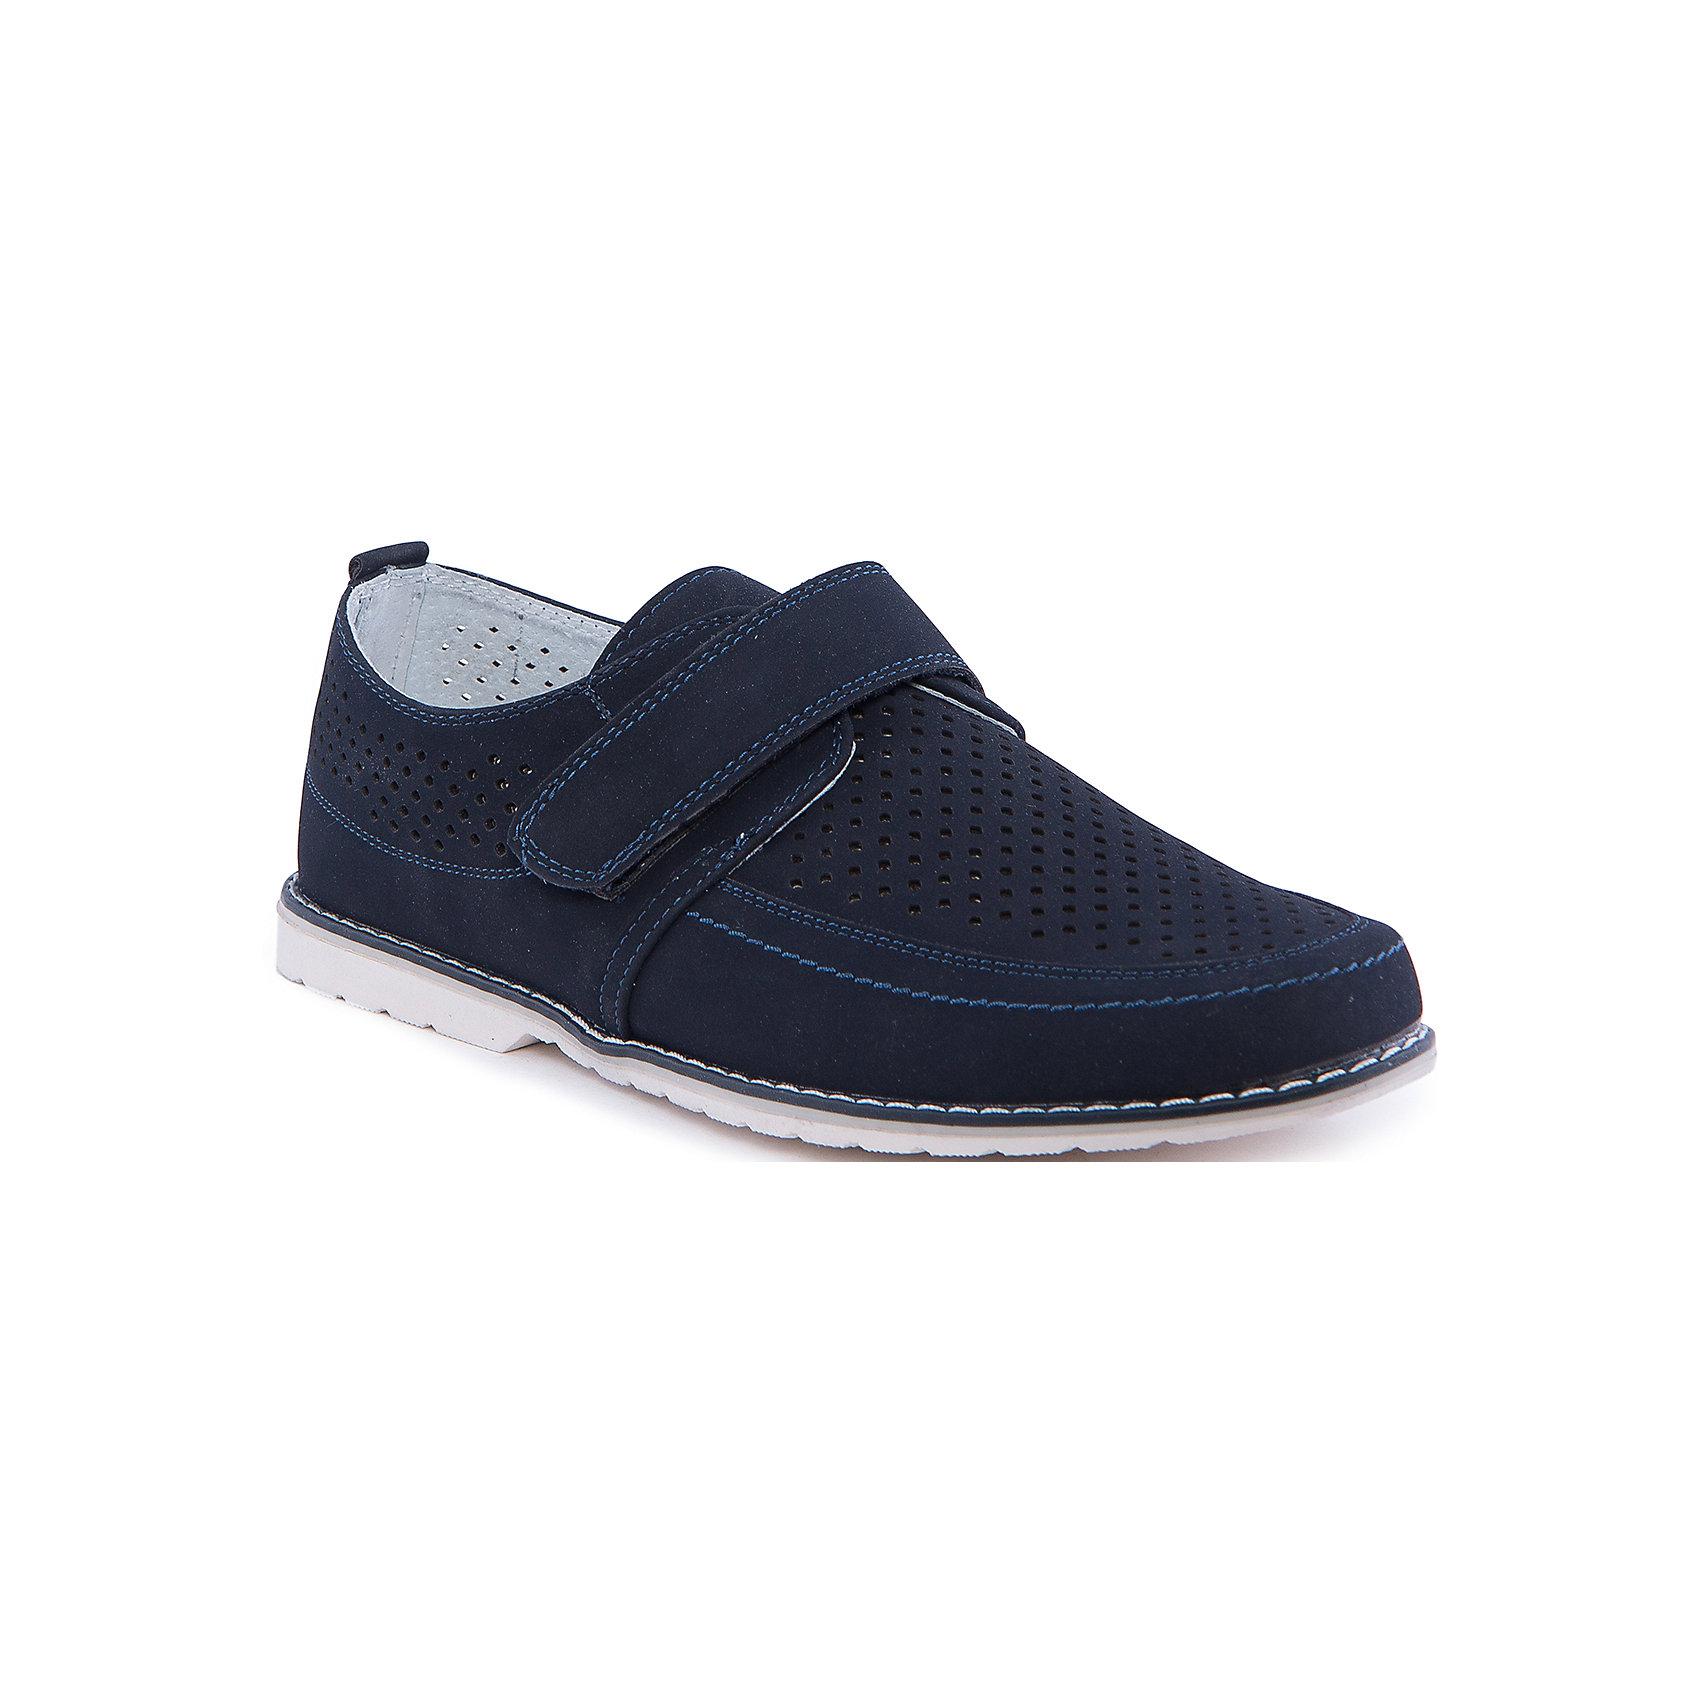 Туфли для мальчика Indigo kids